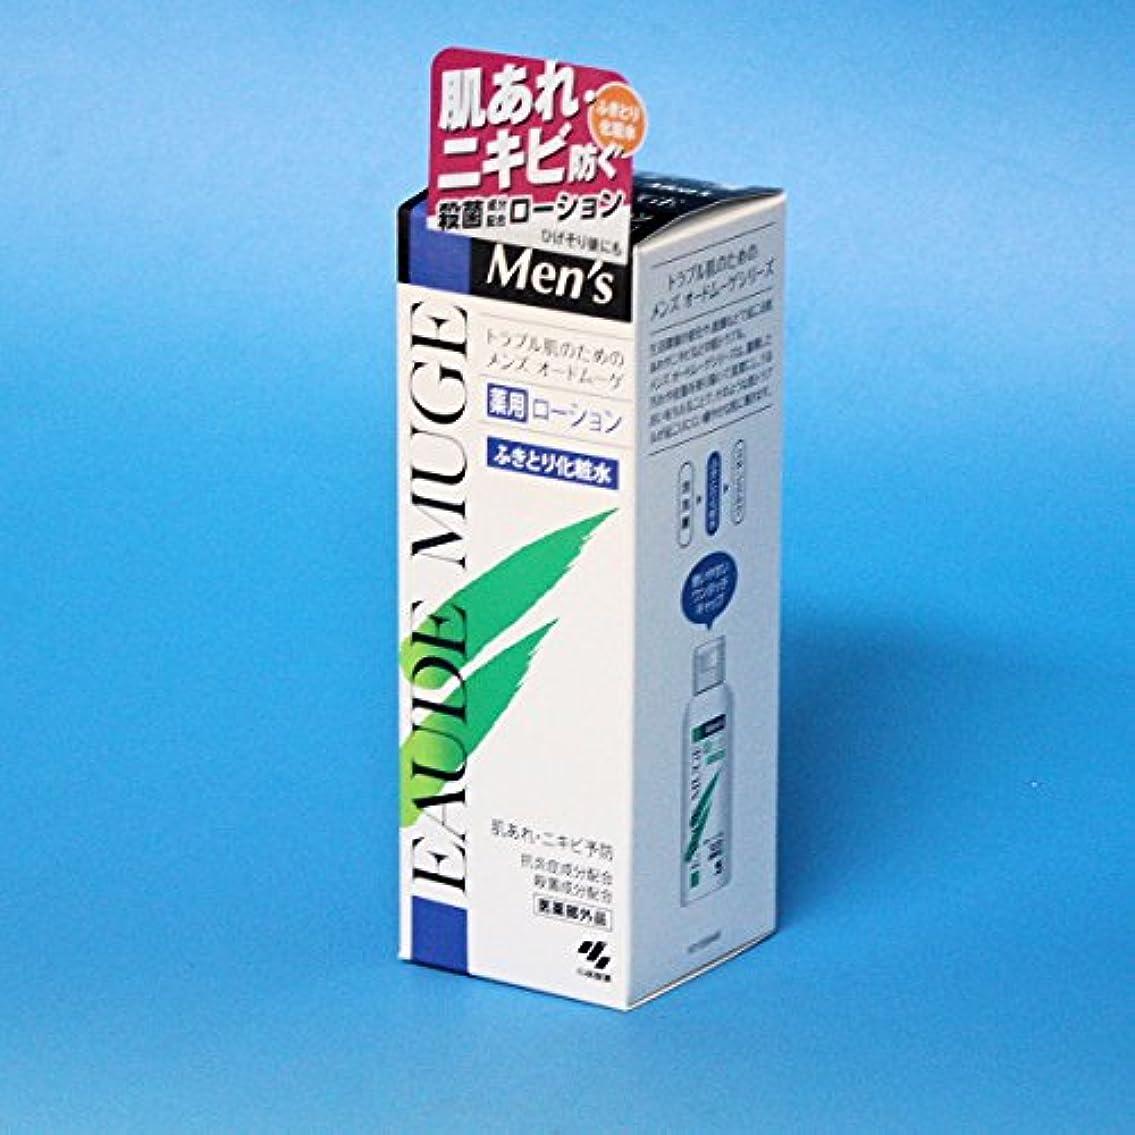 学生さわやか敬意を表するメンズ オードムーゲ薬用ローション ふき取り化粧水 160ml